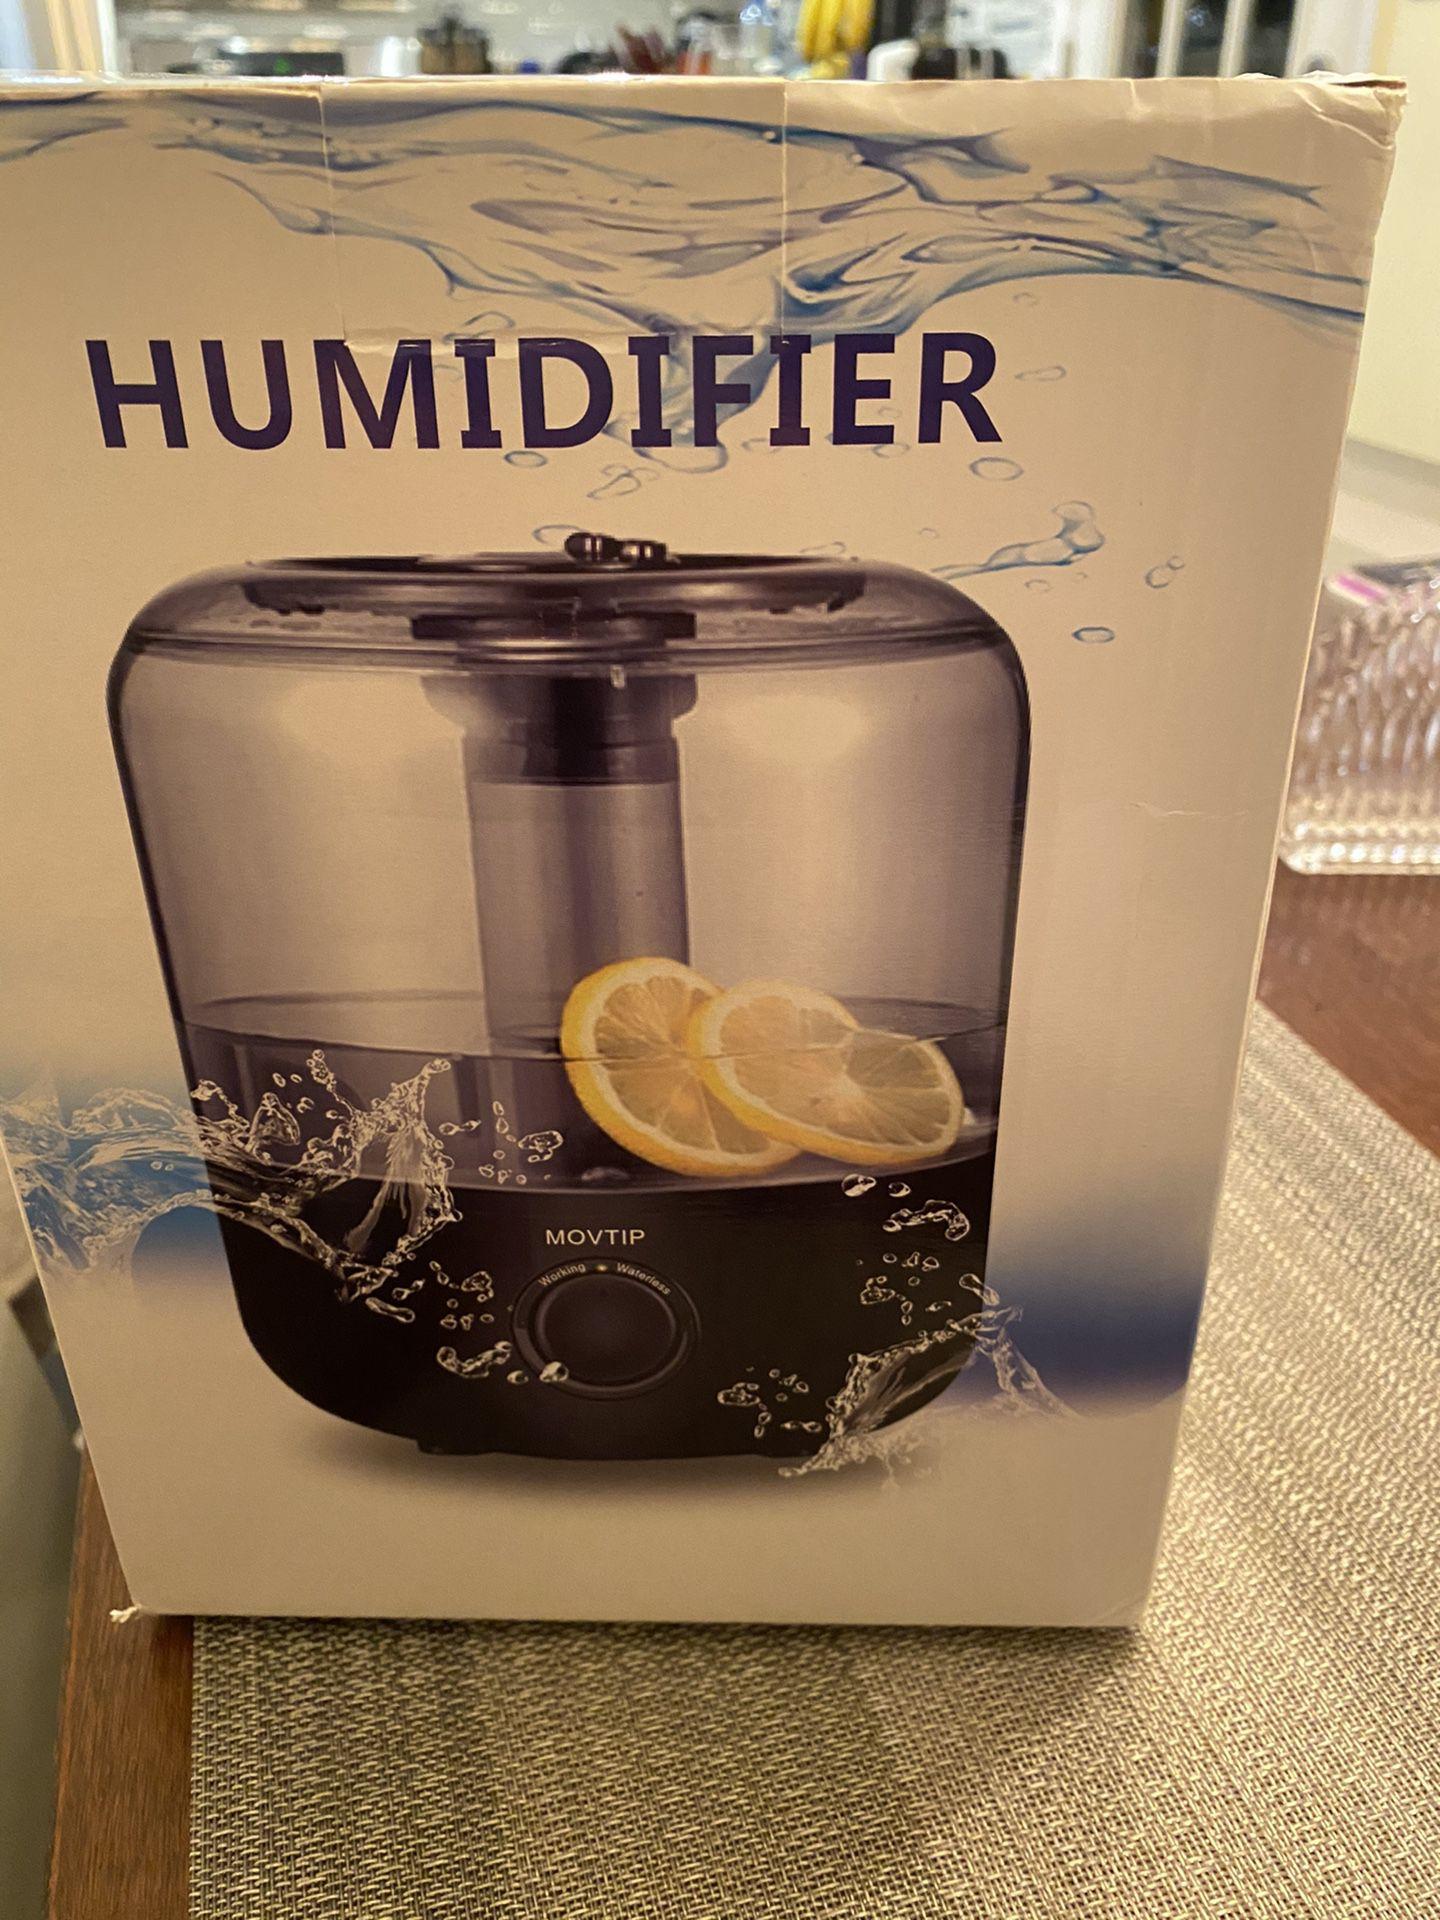 Humidifier medium/large